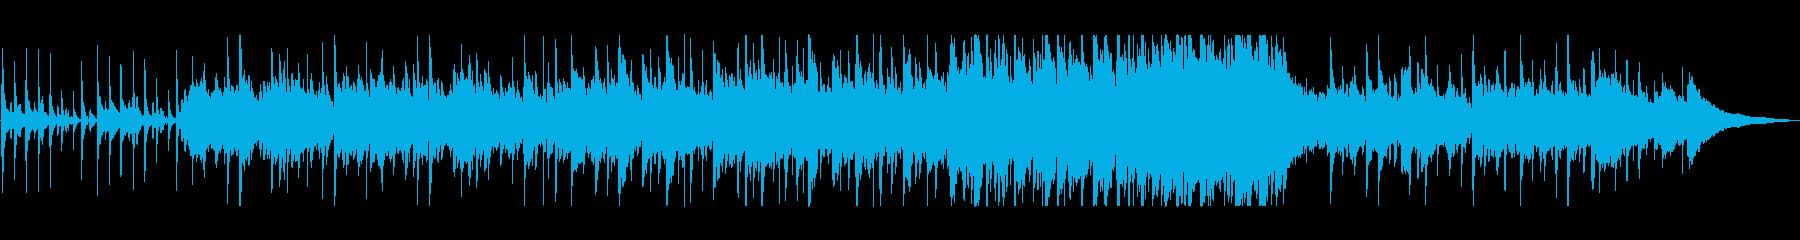 哀愁漂う悲しいケルト音楽の再生済みの波形